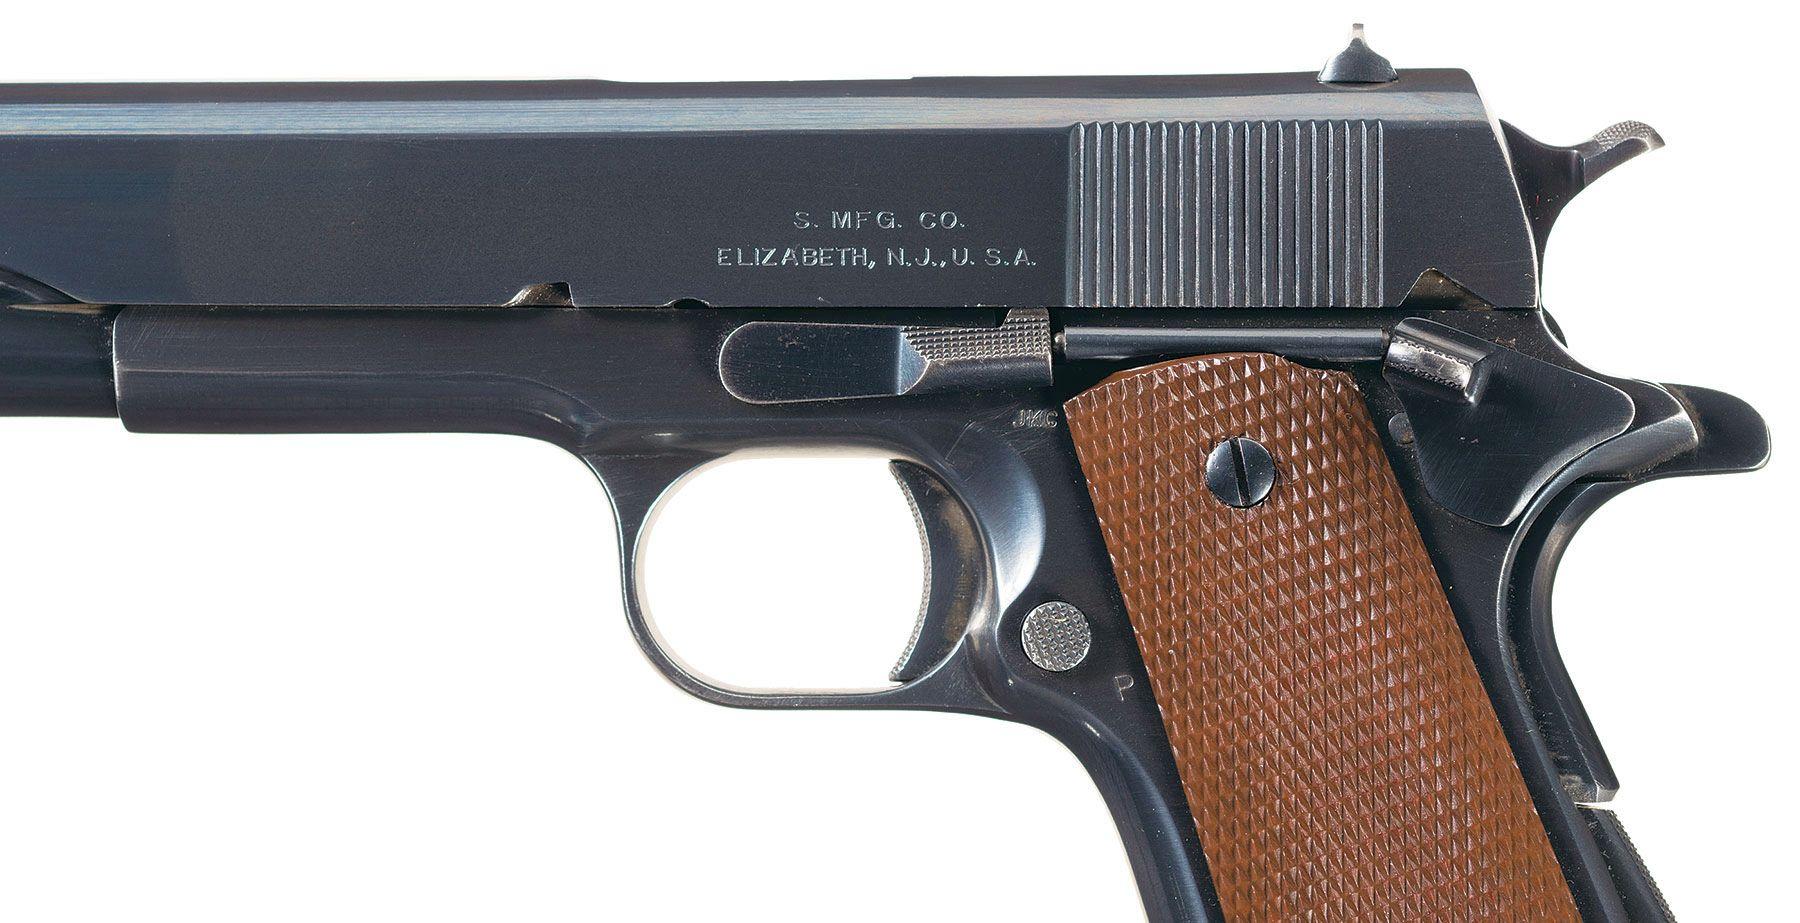 Singer Model 1911A1 Pistol - Revivaler